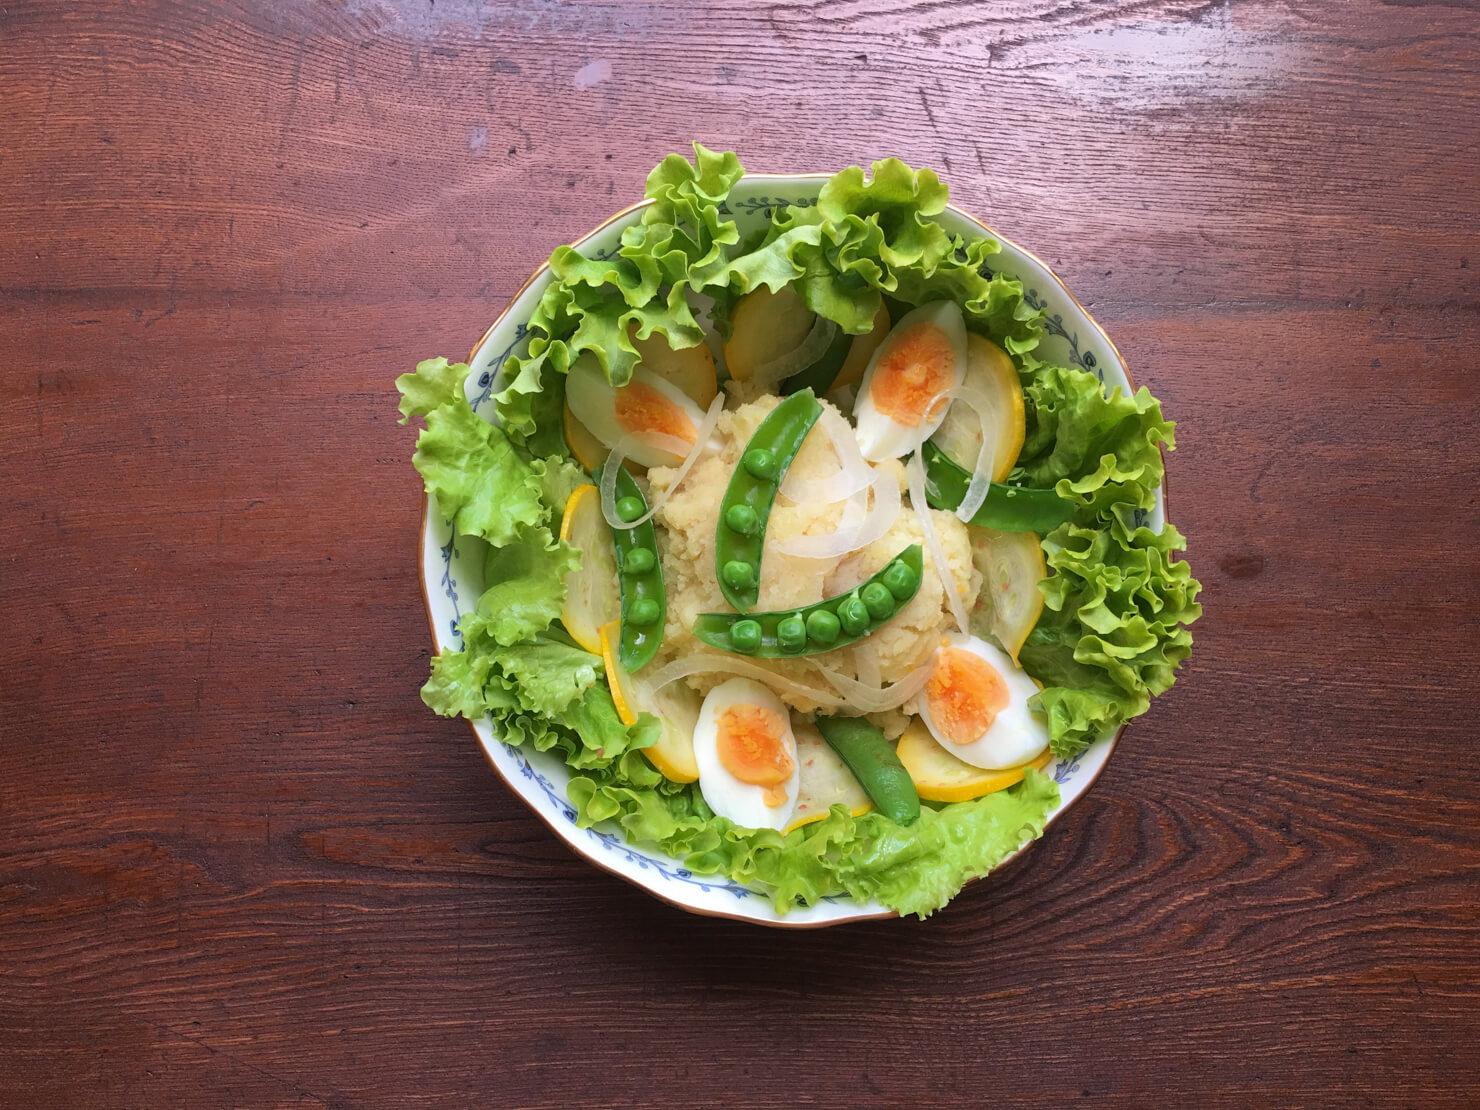 タラモサラダごちそうアレンジバージョンの写真